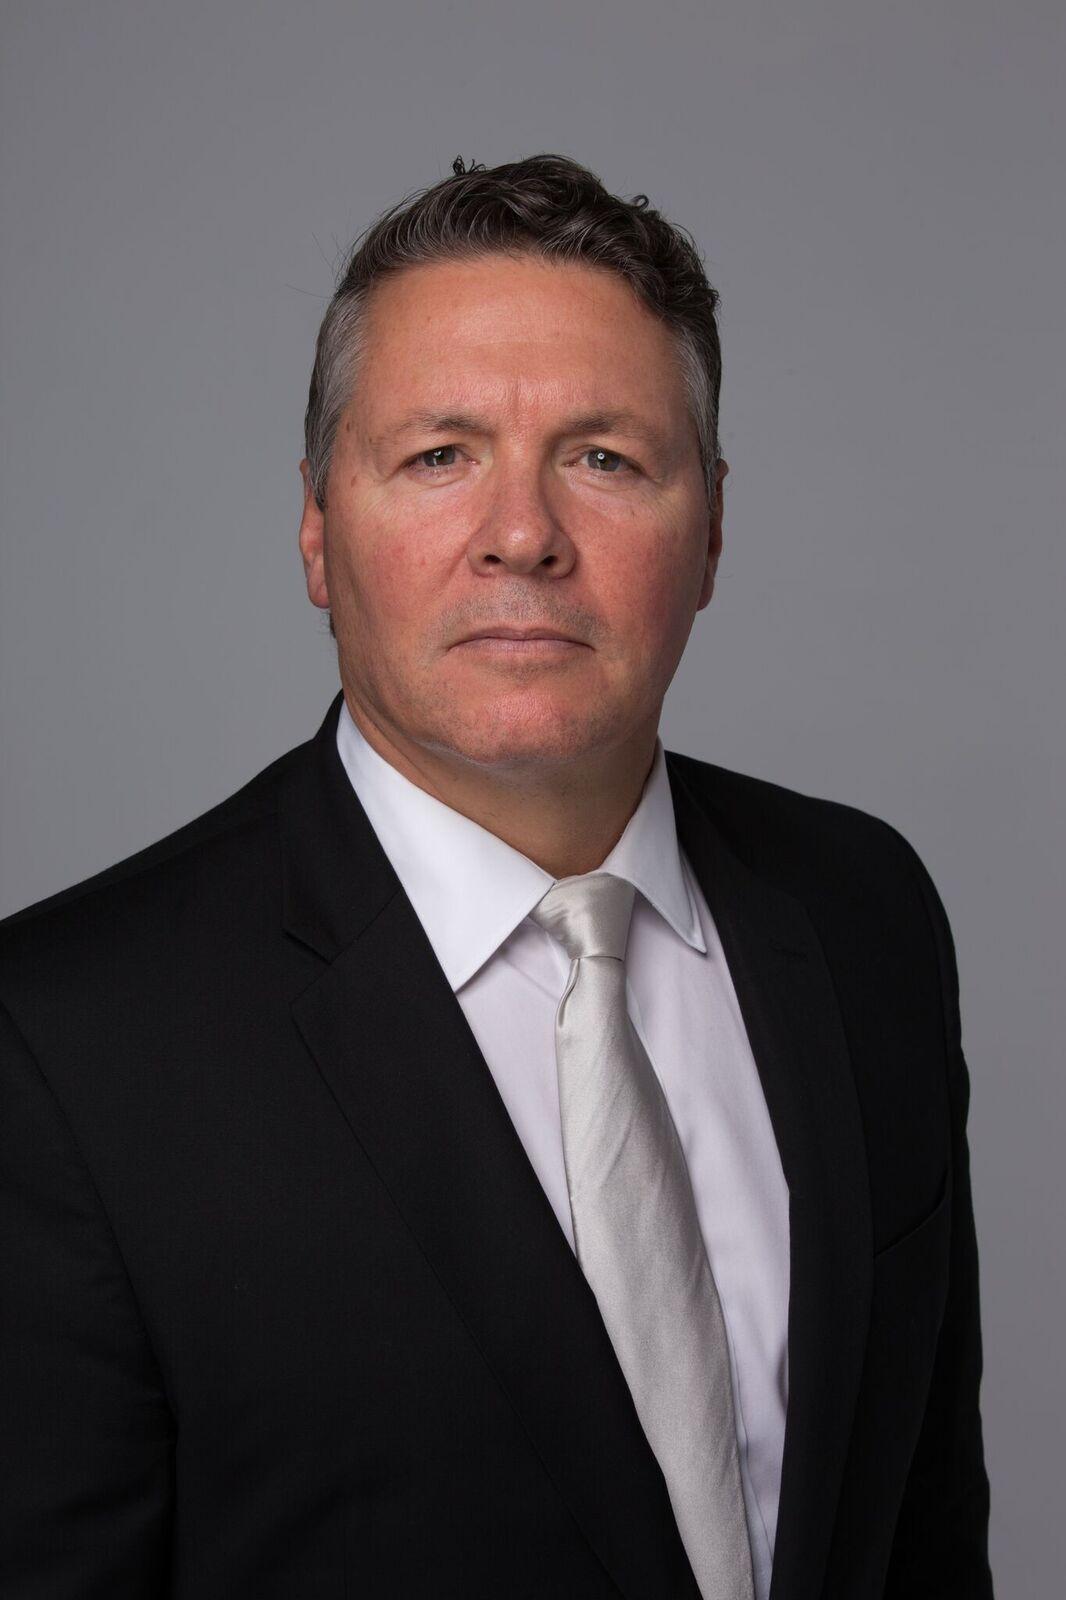 Greg LeClair